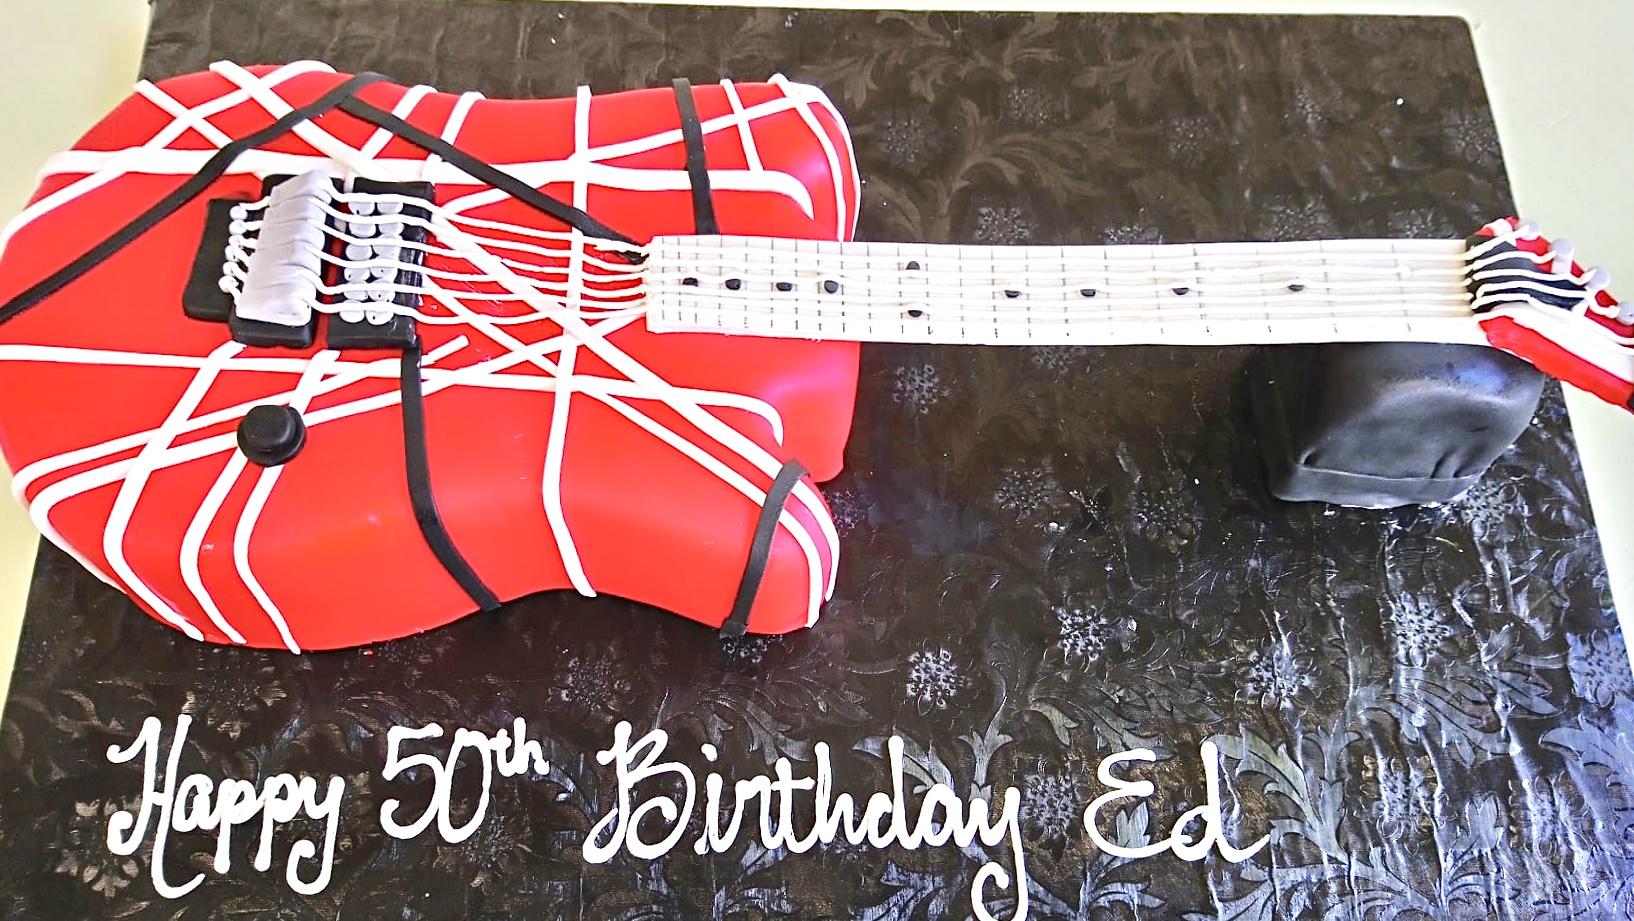 Rockin' Birthday